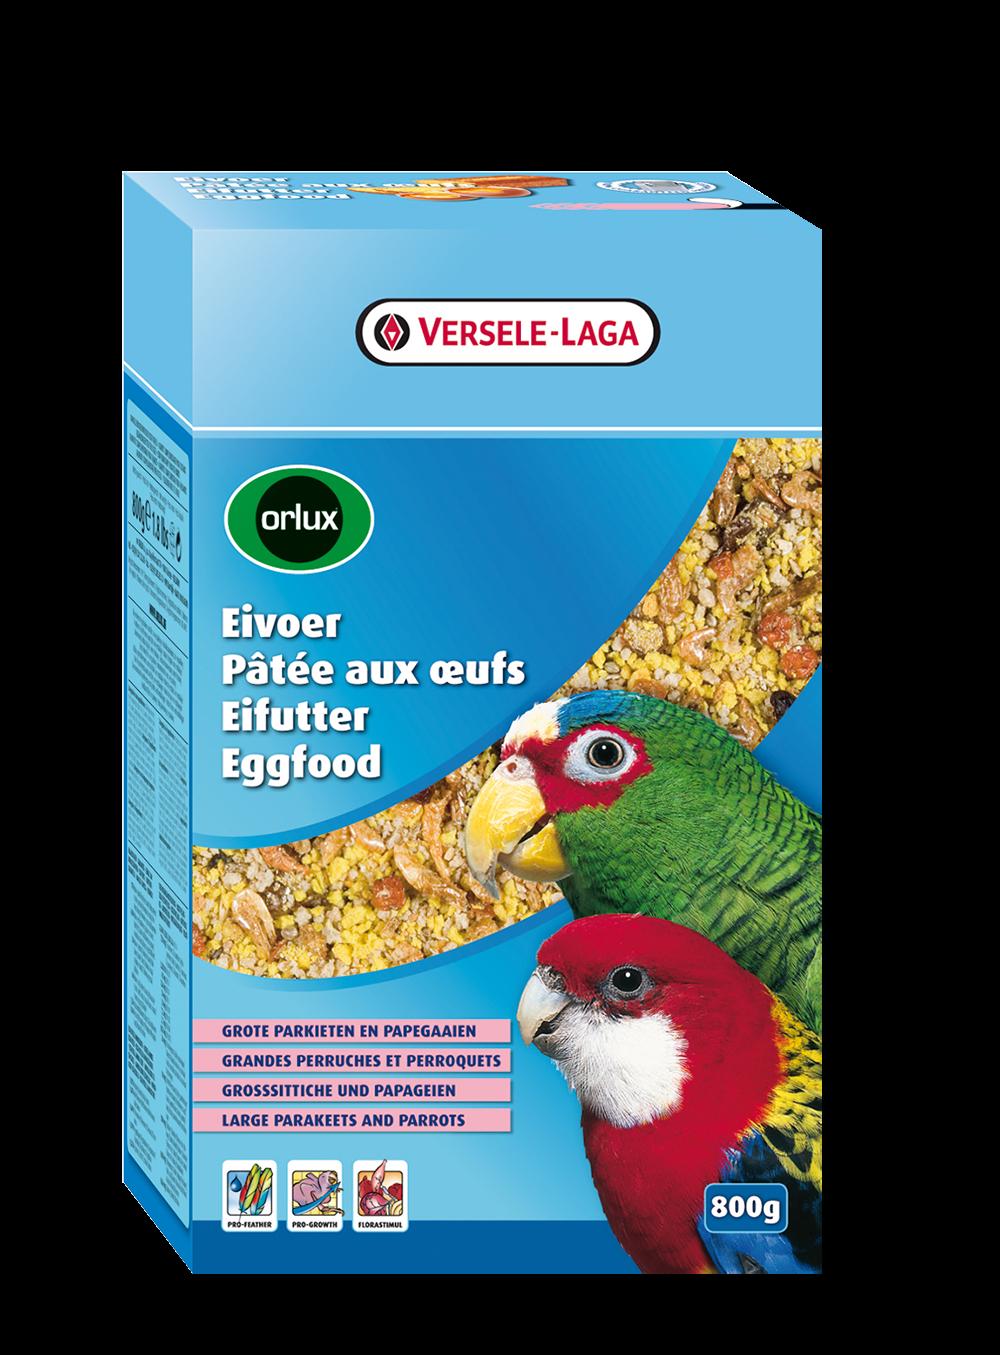 Versele-Laga Orlux Eivoer Droog Grote Parkieten & Papegaaien 800 g